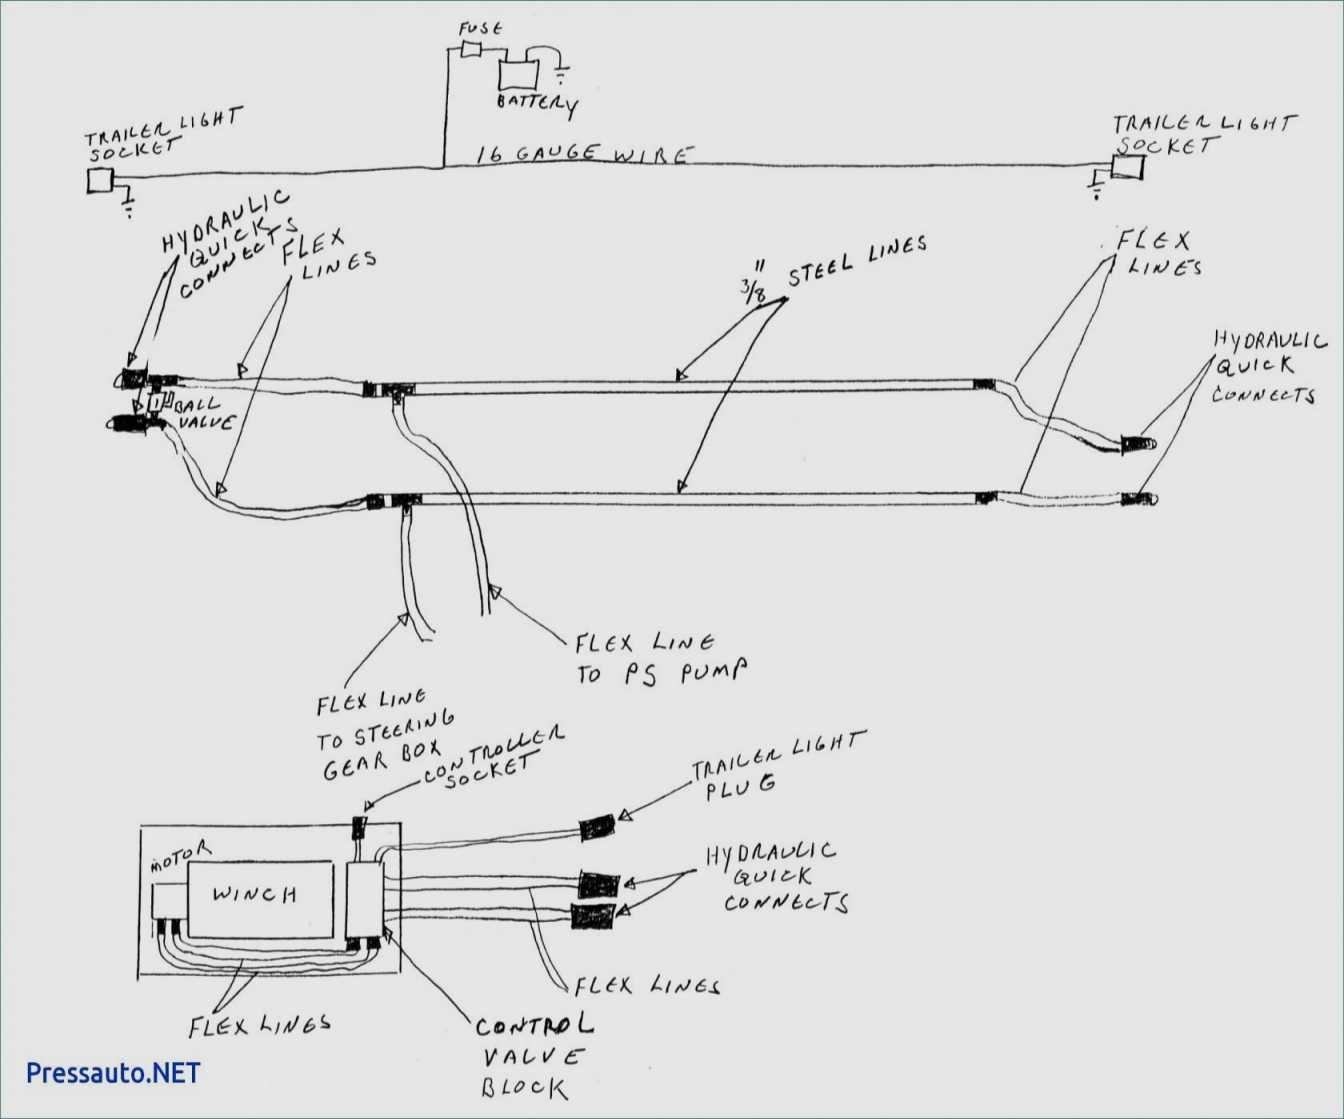 Warn Winch Wiring Diagram 75000 | Wiring Schematic Diagram on warn 8000 winch wiring diagram, warn winch switch diagram, warn winch 2500 diagram, warn 9000 winch wiring diagram, warn m12000 wiring diagram, warn winch parts diagram, warn a2000 winch wiring diagram, superwinch solenoid wiring diagram, winch solenoid diagram, warn 12000 winch wiring diagram, warn m8000 wiring-diagram,